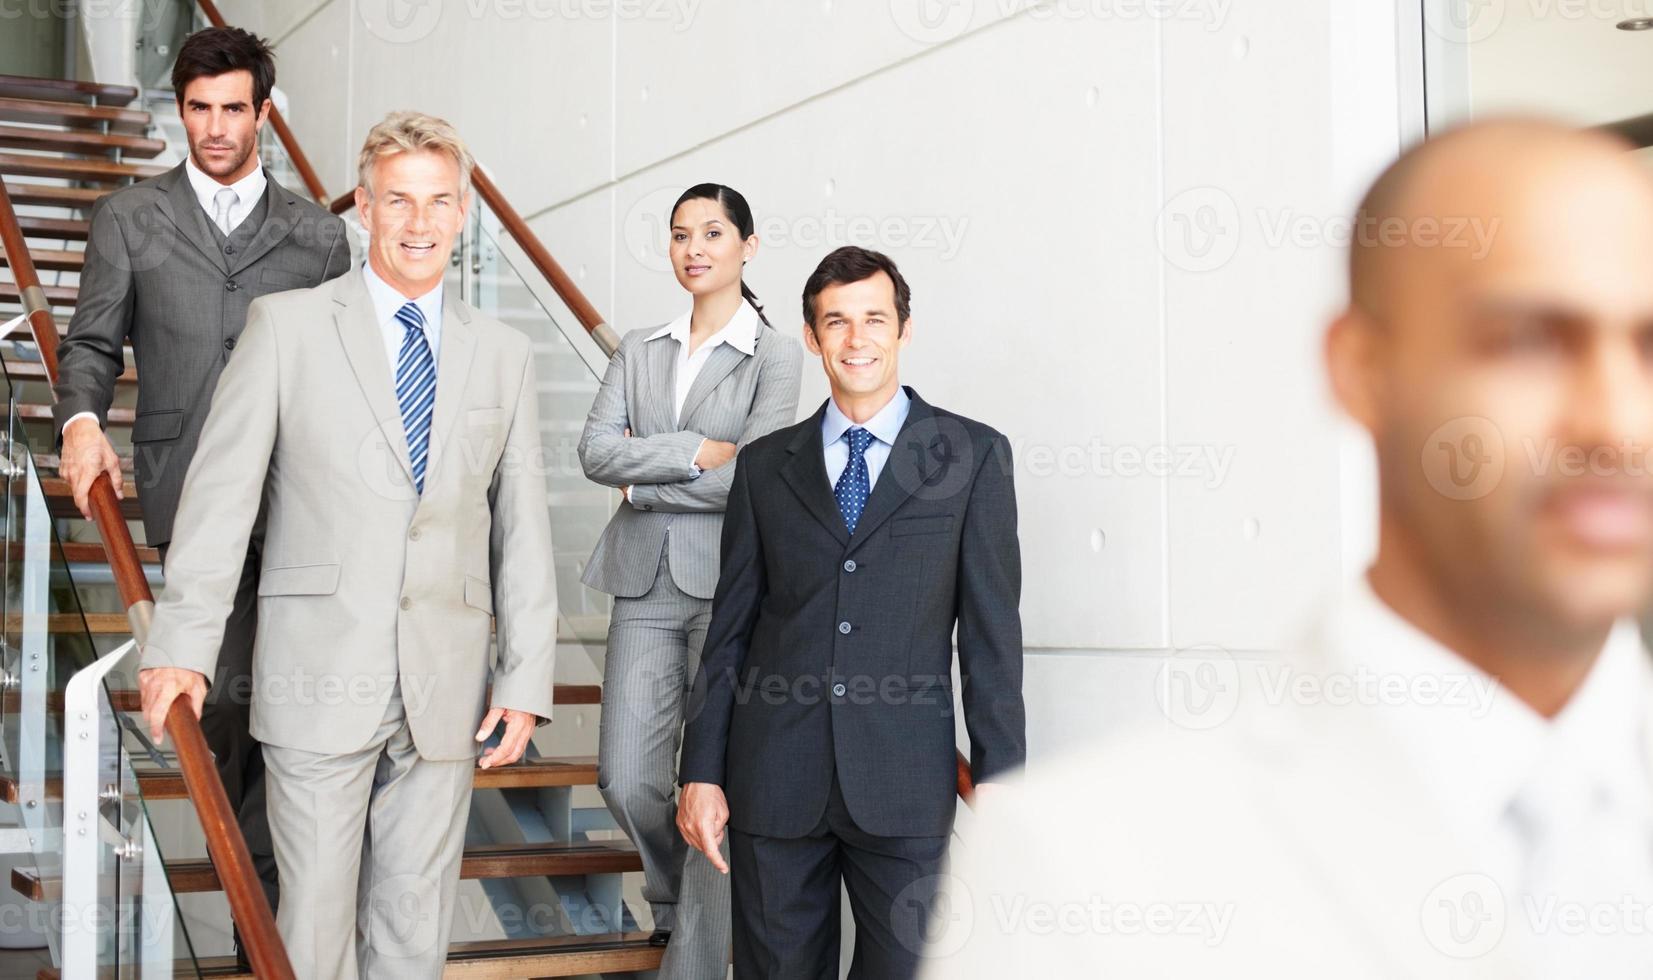 primo piano di uomo d'affari con i colleghi in piedi in background foto